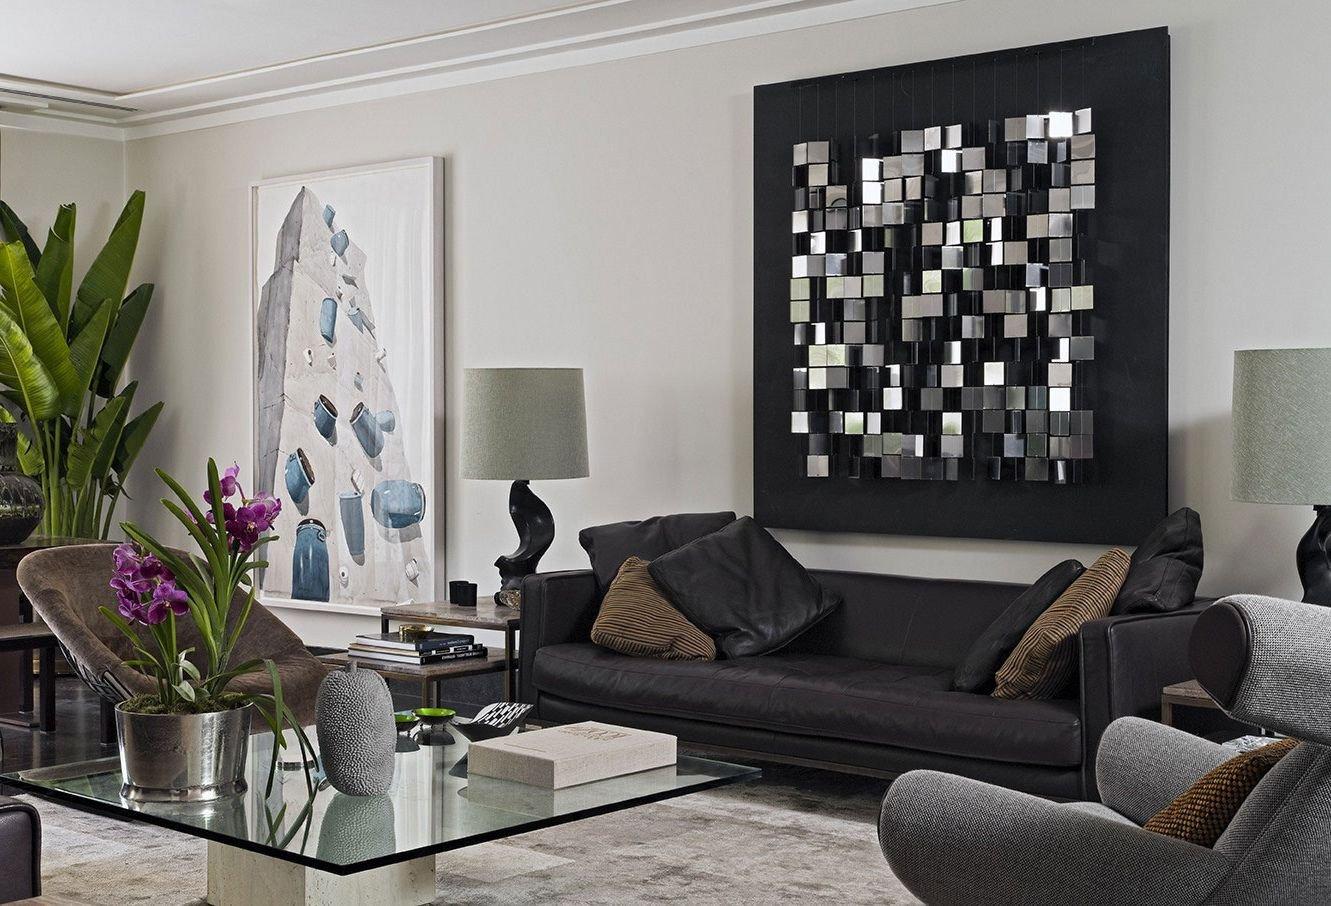 Modern Living Room Wall Decor Rumored News On Living Room Art Decor Exposed